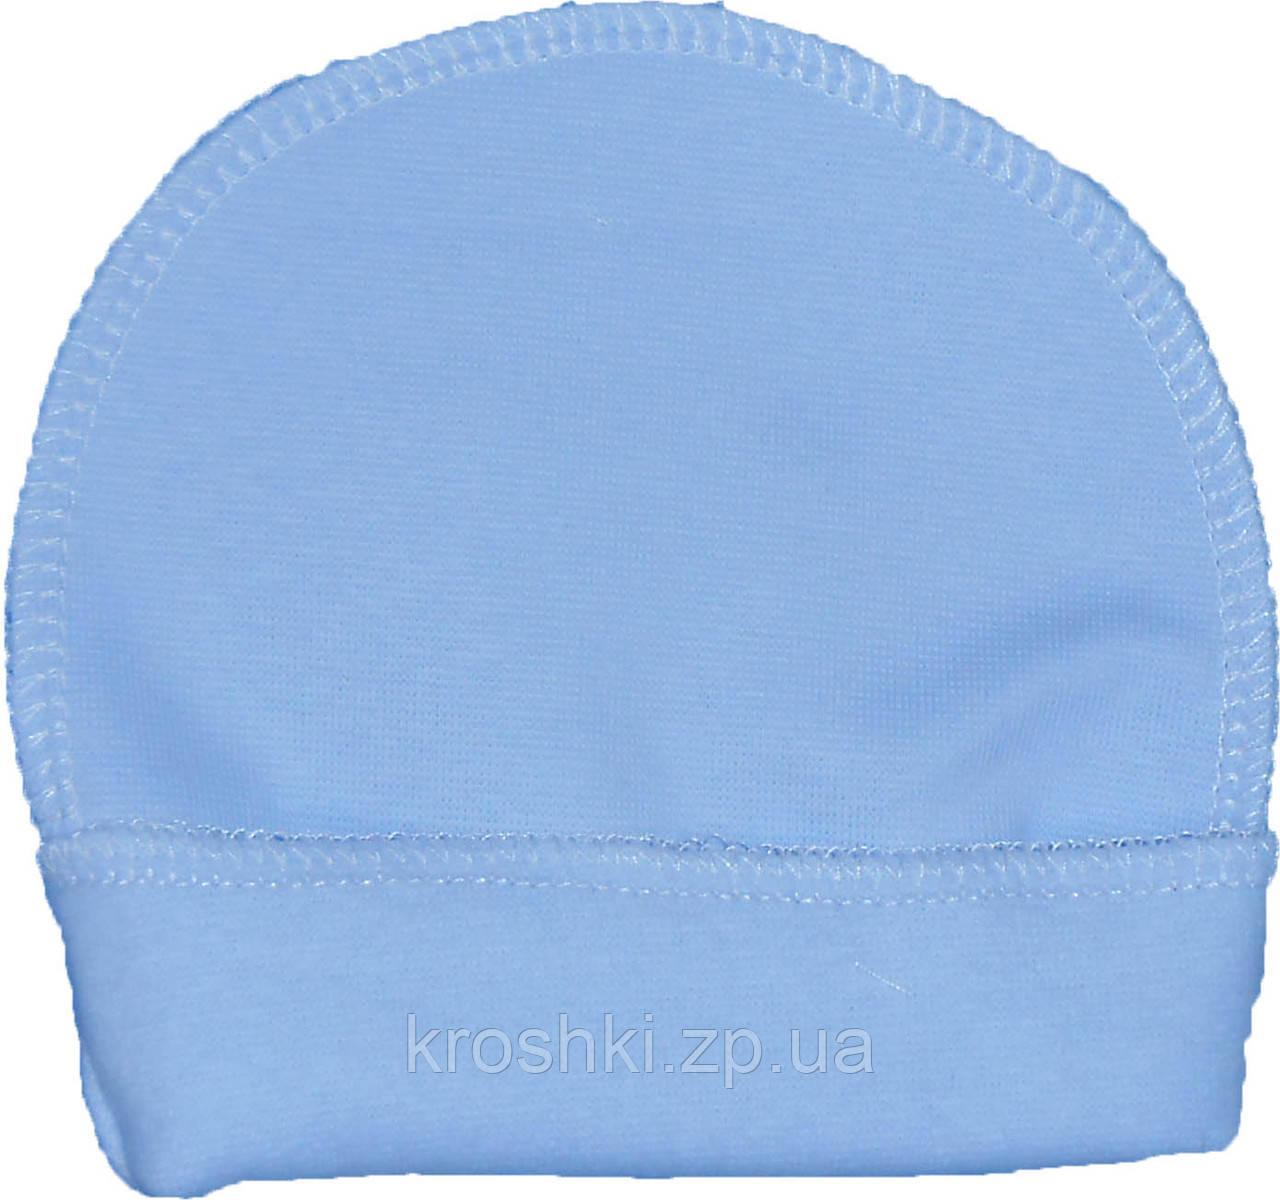 Шапочка для маловесных и недоношенных детей размер 30 на рост 40-50, одежда для недоношенных